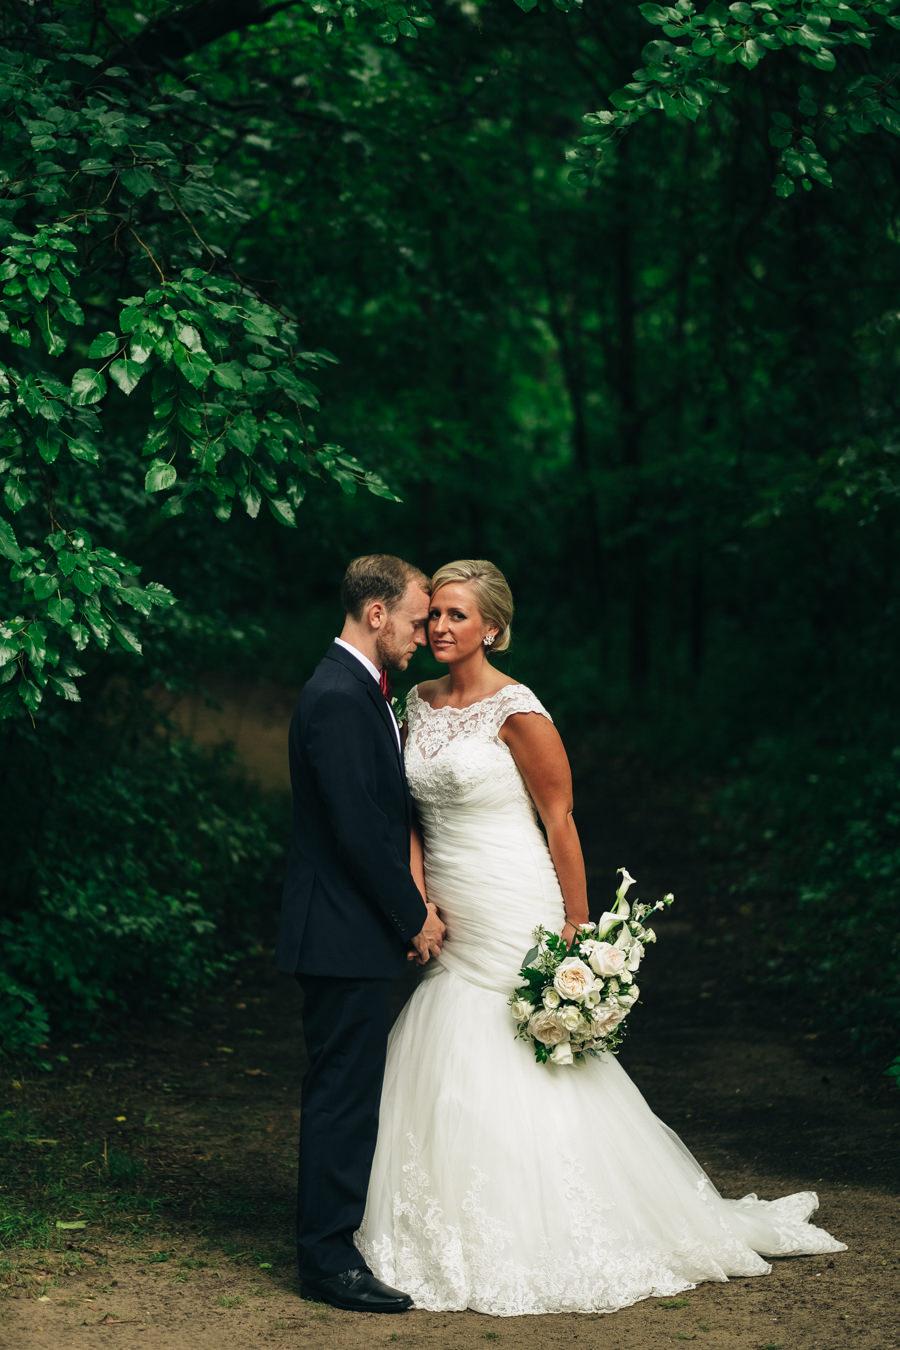 Bride and groom portrait at Wildwood Metropark In Toledo, Ohio.